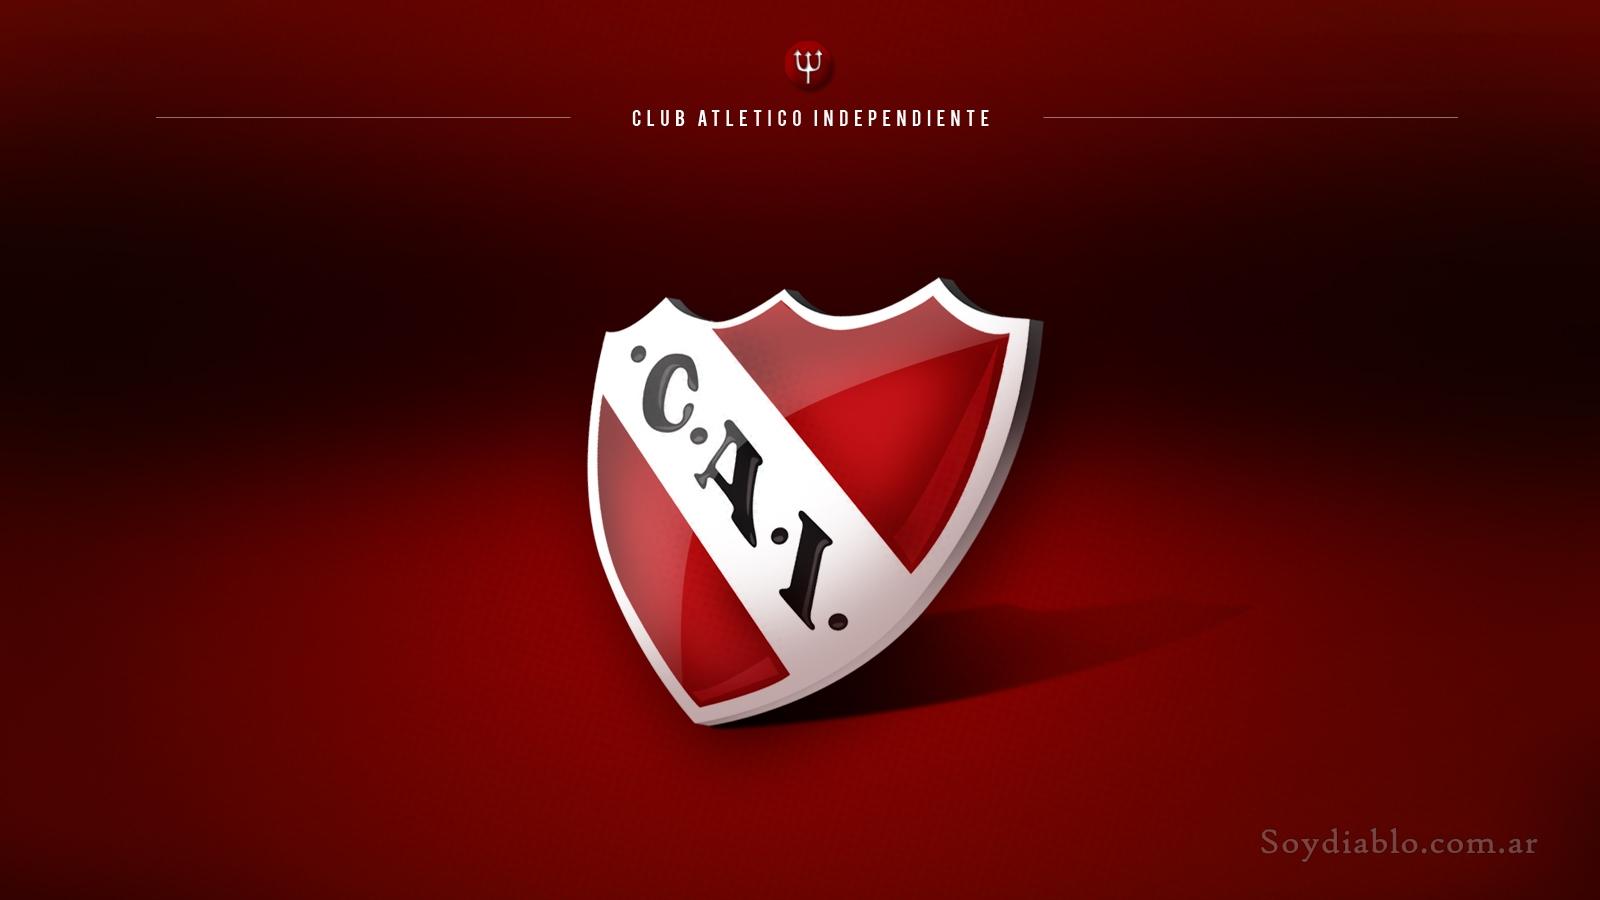 http://4.bp.blogspot.com/-IgdB5lNJDGs/TnH2JCicrnI/AAAAAAAAFGI/CHkJQ38wm6c/s1600/Wall_Independiente%2B1600x900px.jpg